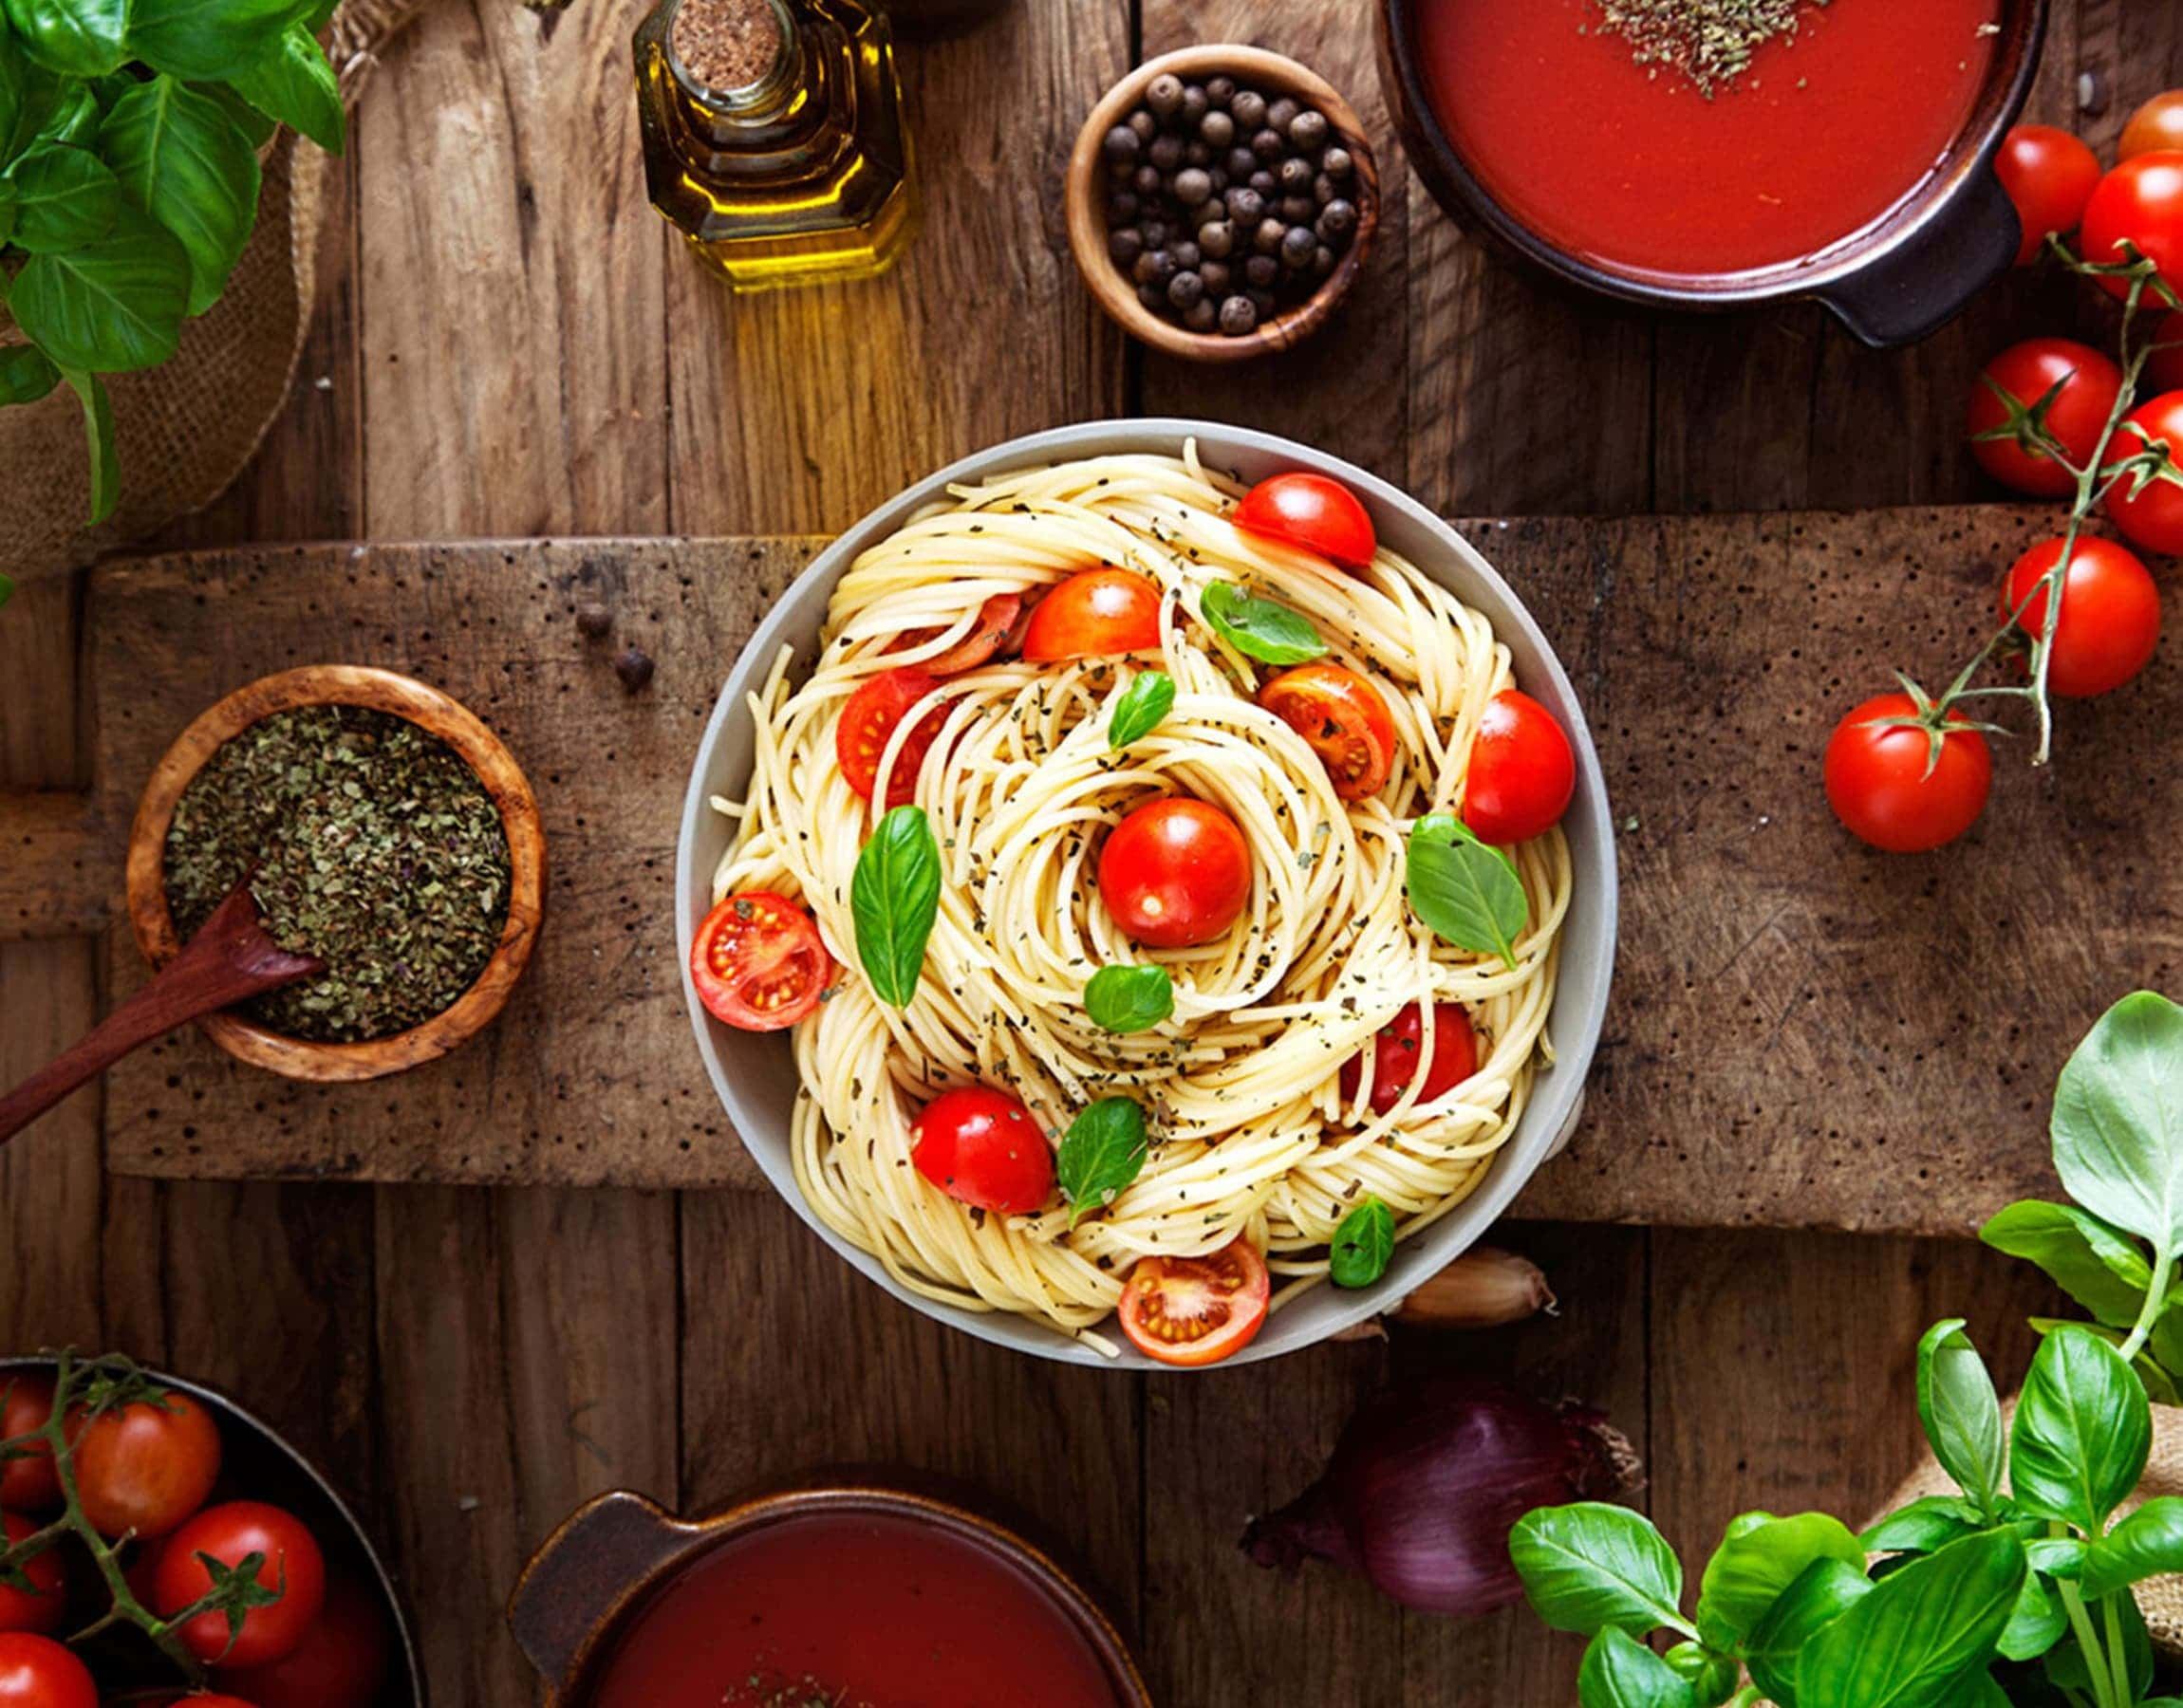 Piatto di spaghetti al pomodoro e basilico fresco